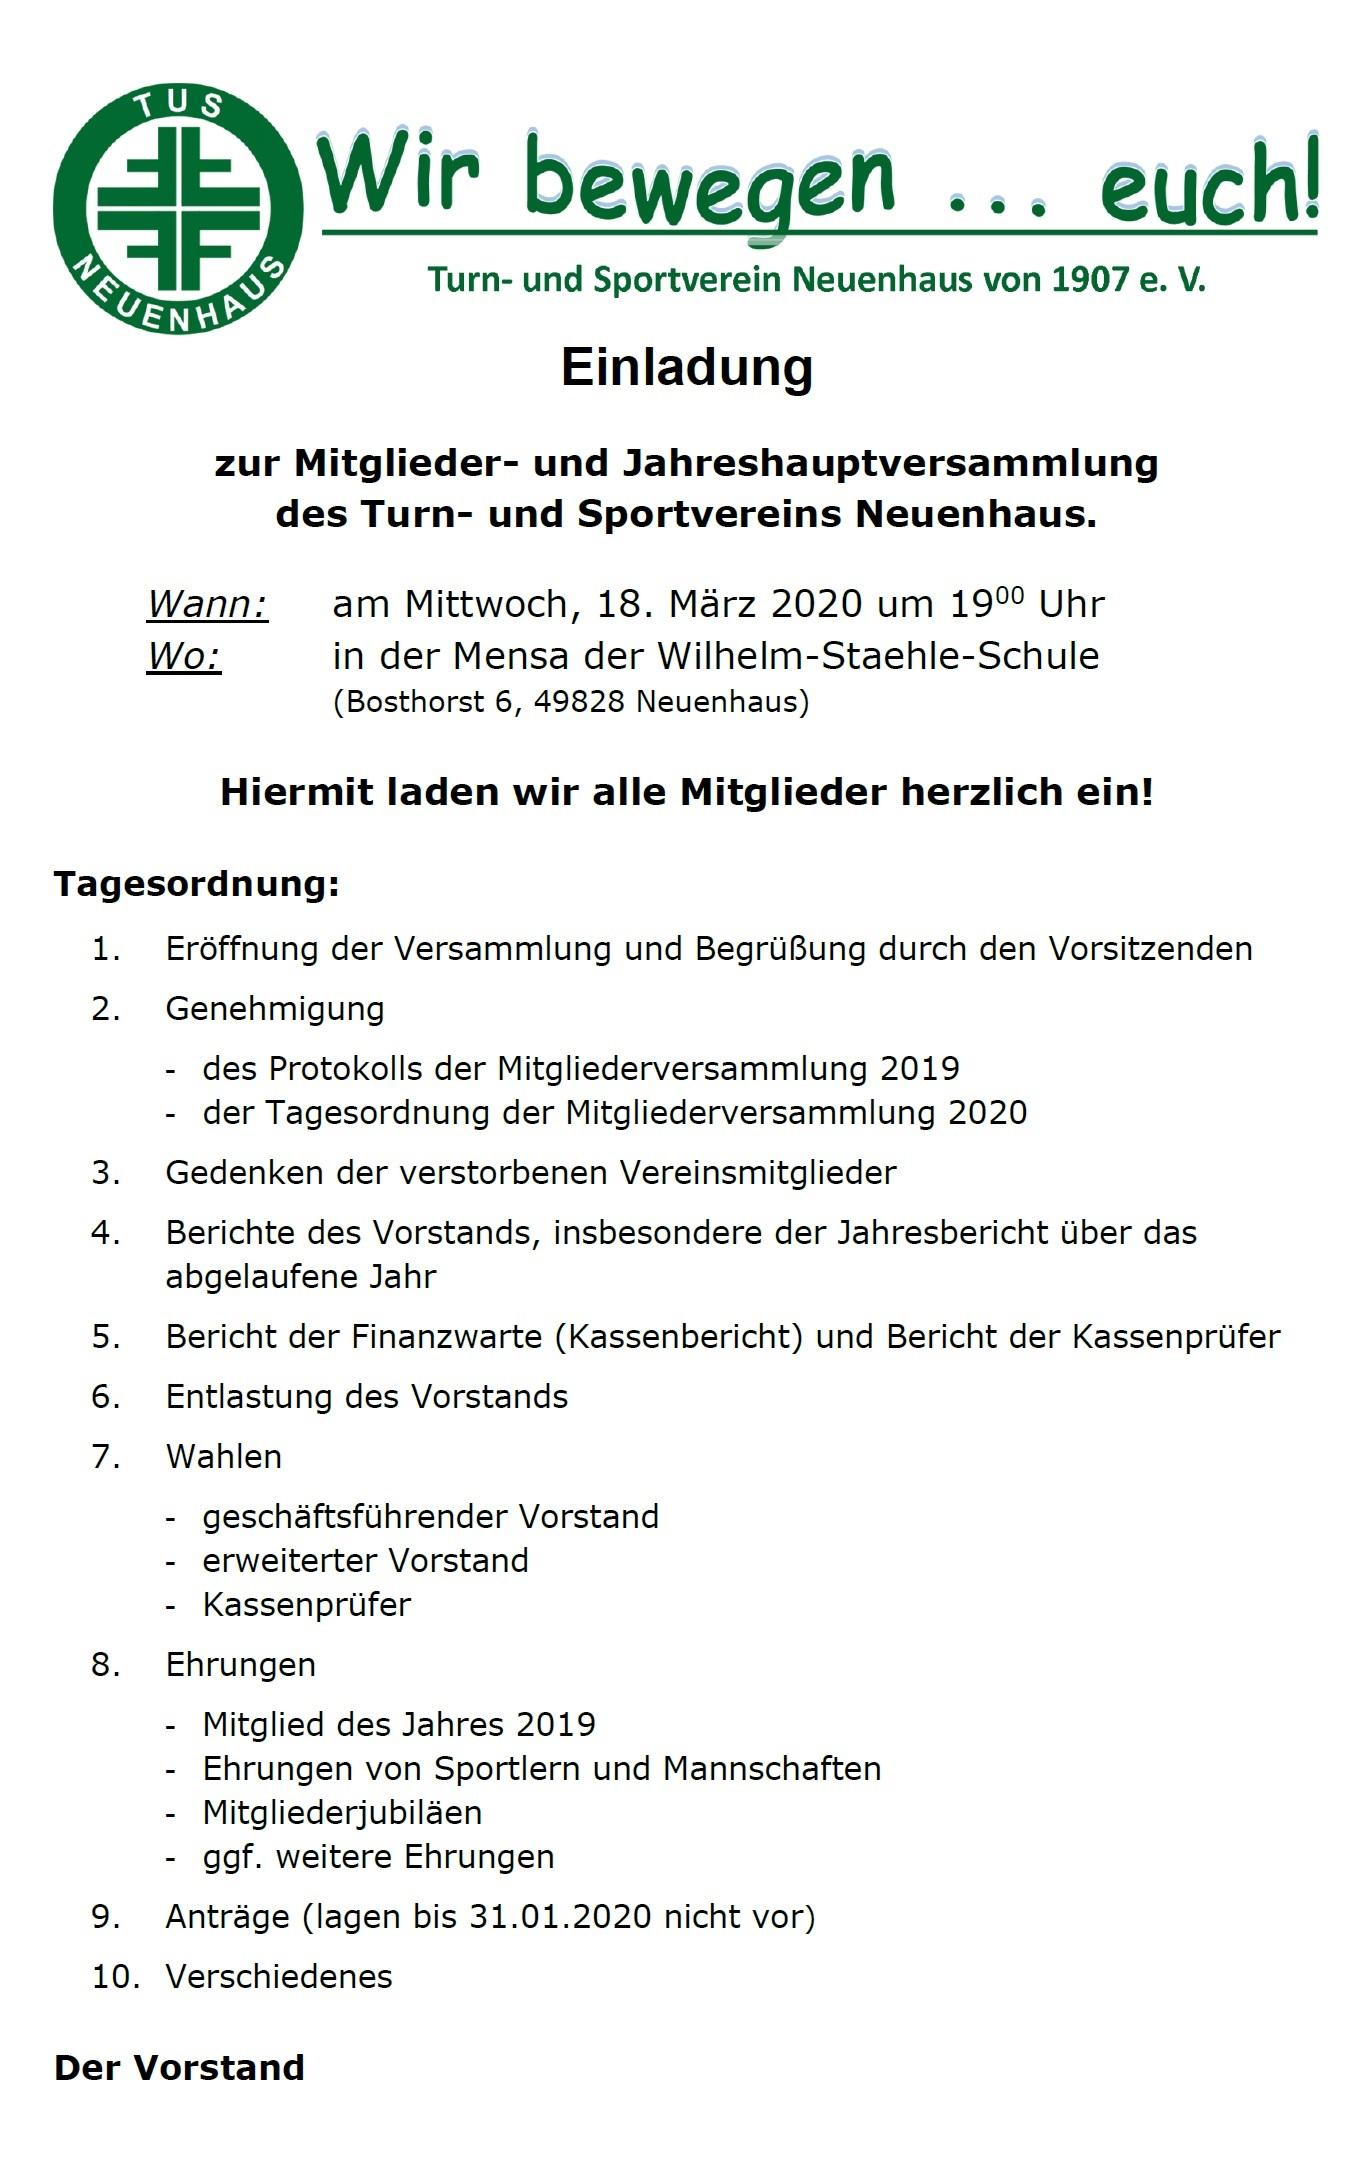 Einladung zur Jahreshaupt- und MItgliederversammlung am 18. März 2020